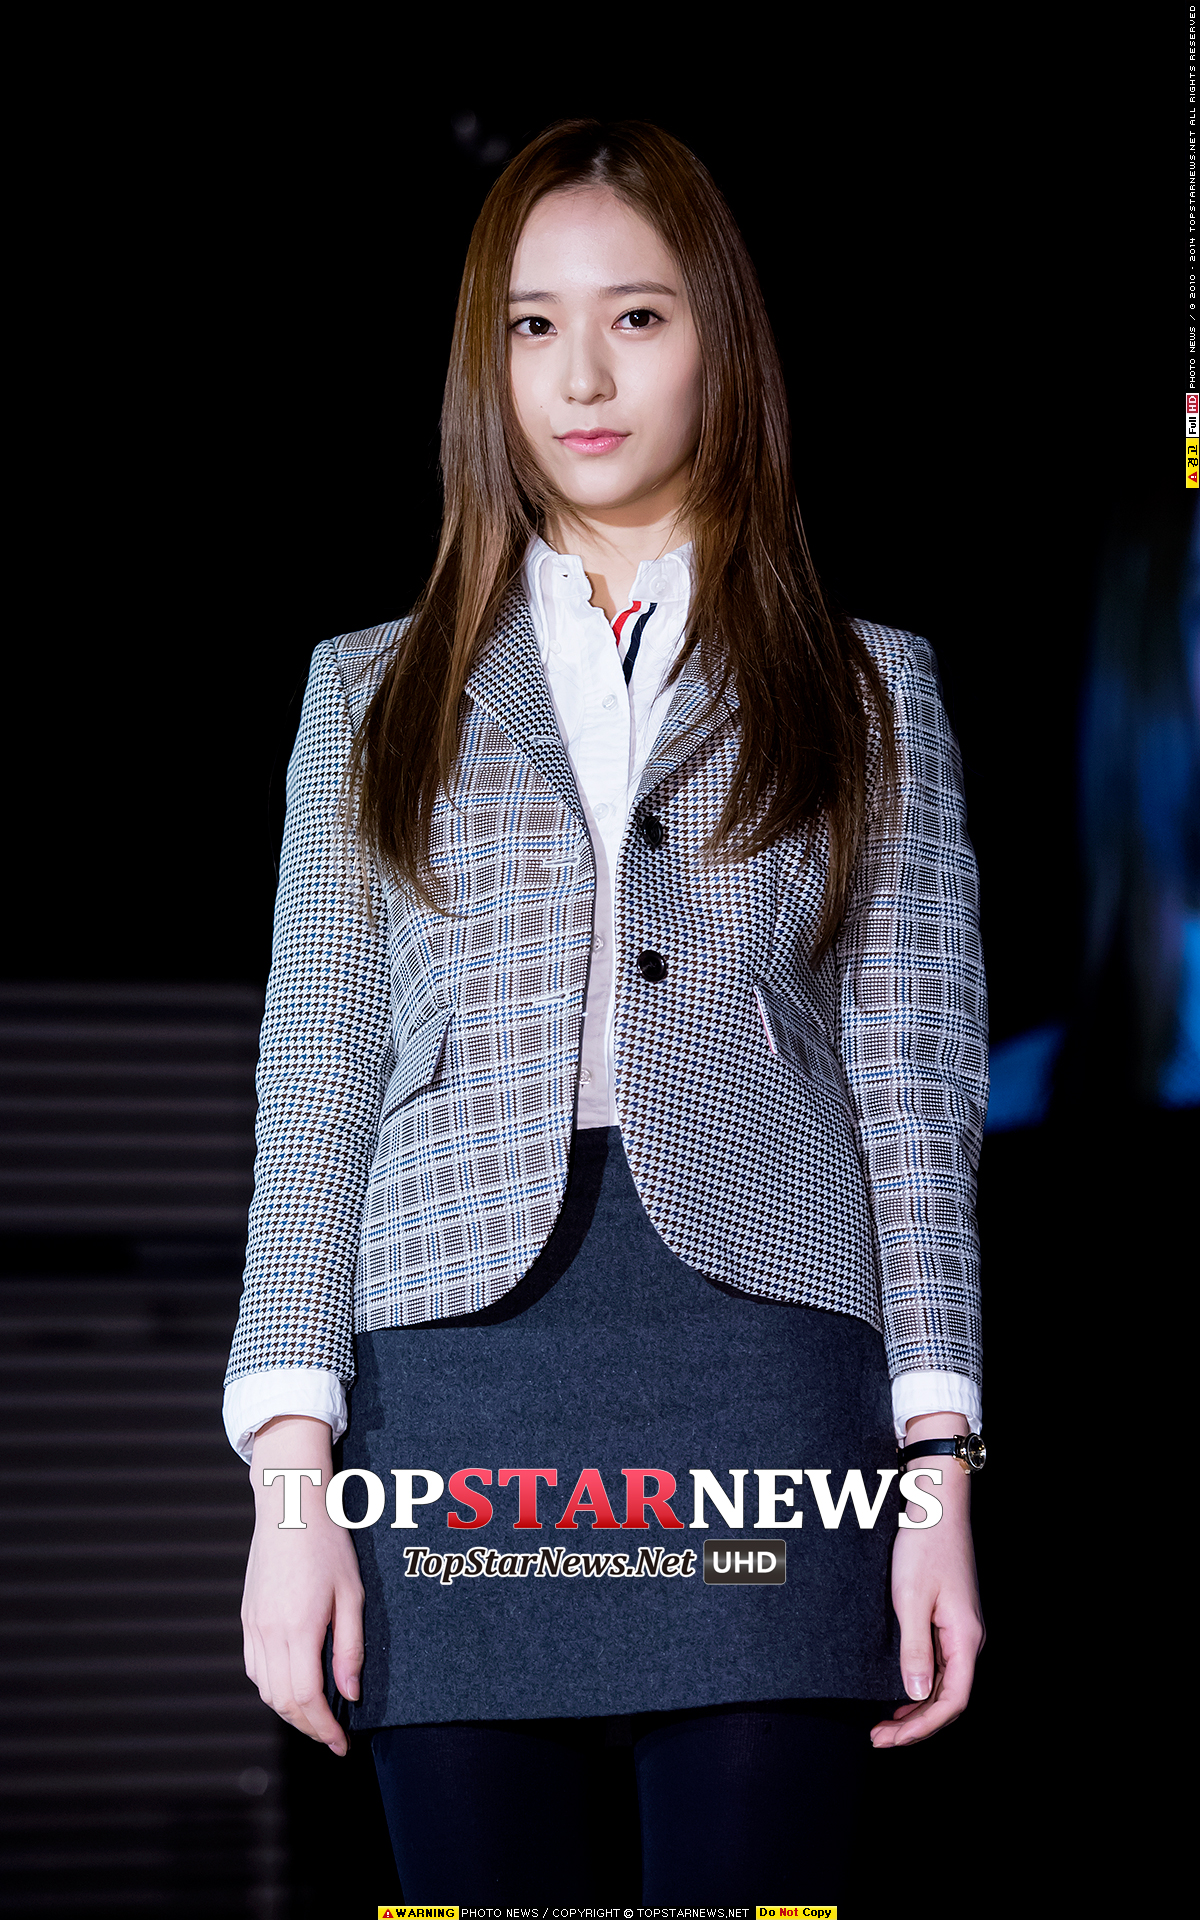 臉型_Krystal 往年的調查,許多韓國的女生喜歡像是Krystal這樣秀氣、下巴線條分明的瓜子臉臉型